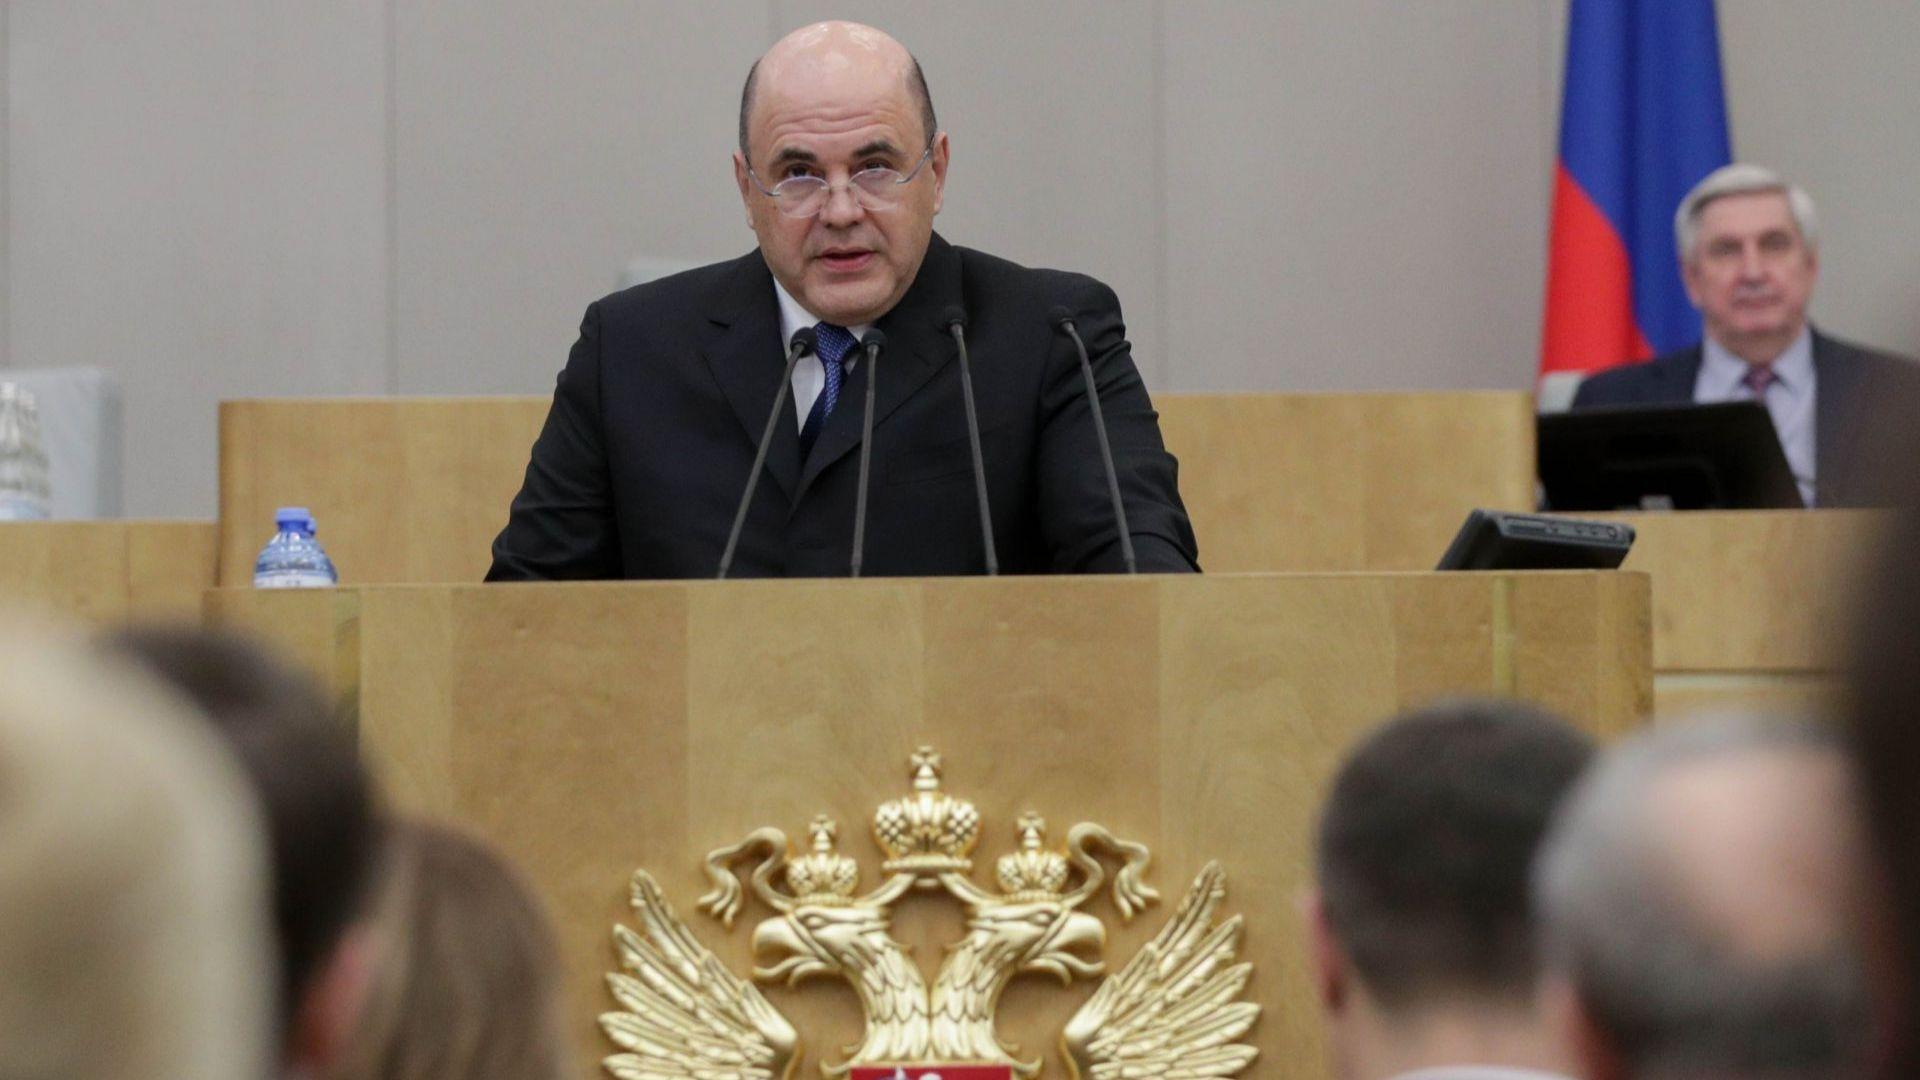 Без нито един глас против: Избраха Михаил Мишустин за премиер на Русия